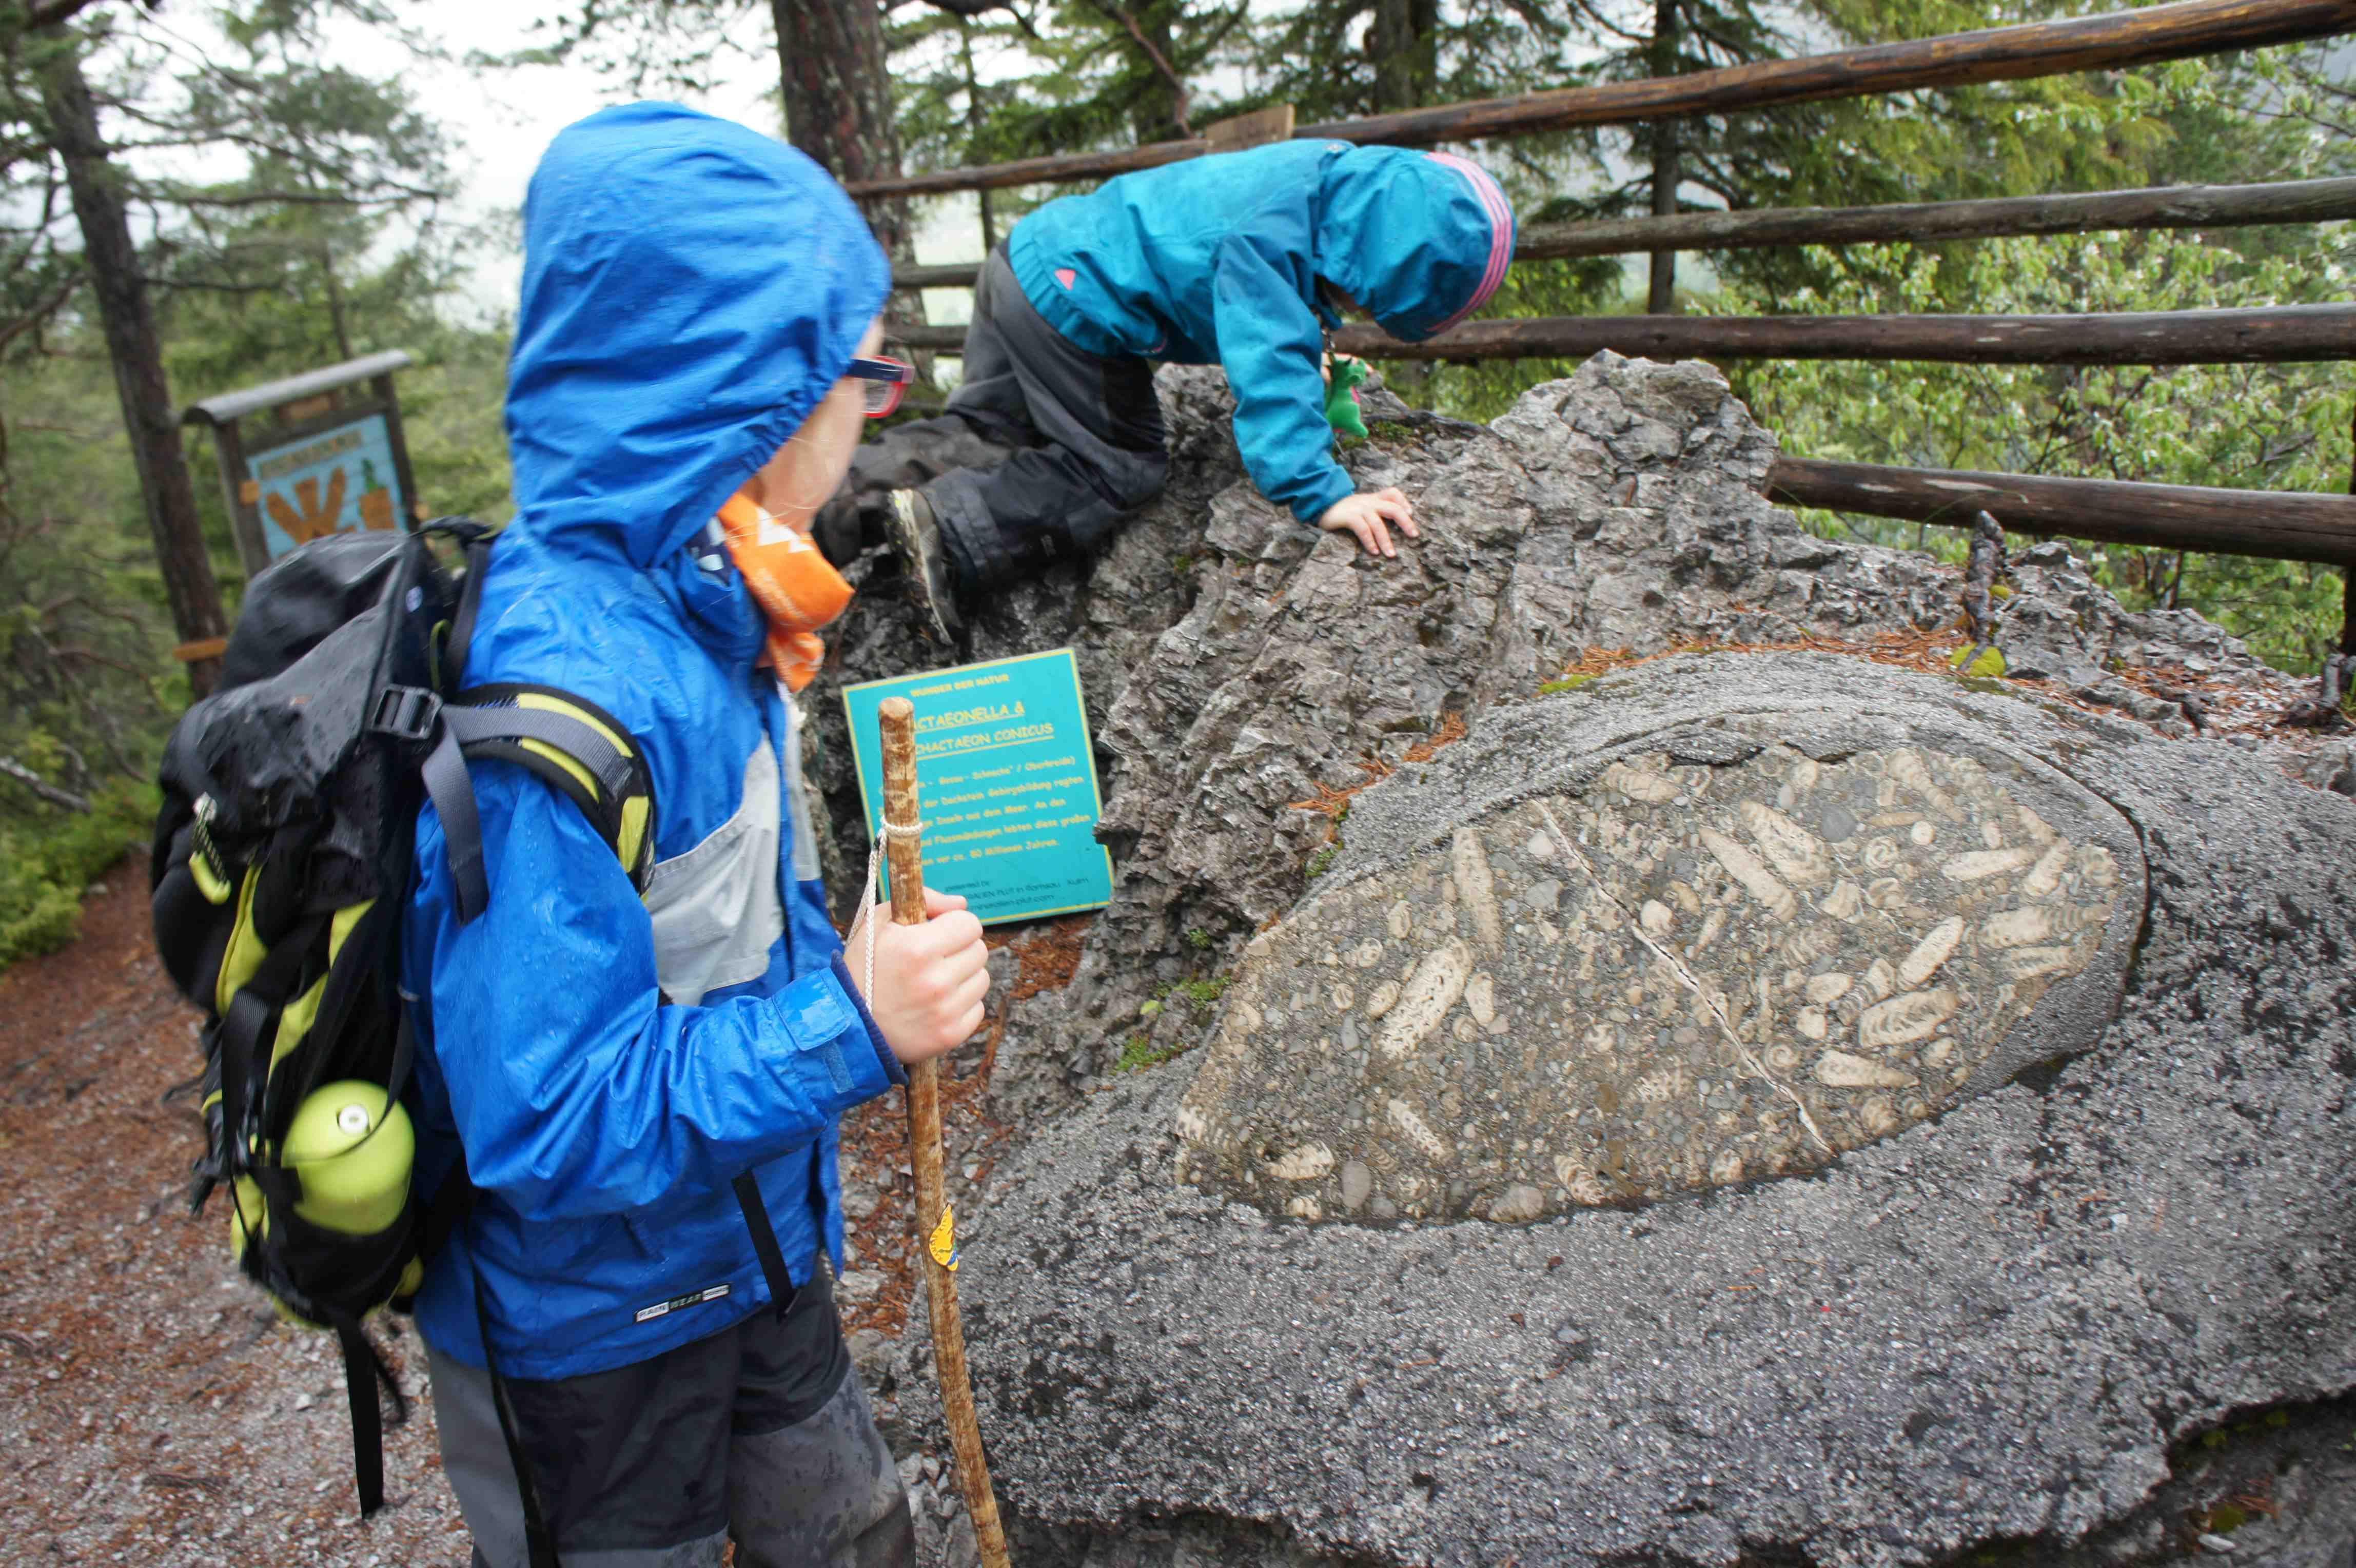 Kinder Wanderschuhe müssen einiges aushalten und deshalb ist es wichtig, dass sie optimal passen. Foto. (c) Kinderoutdoor.de